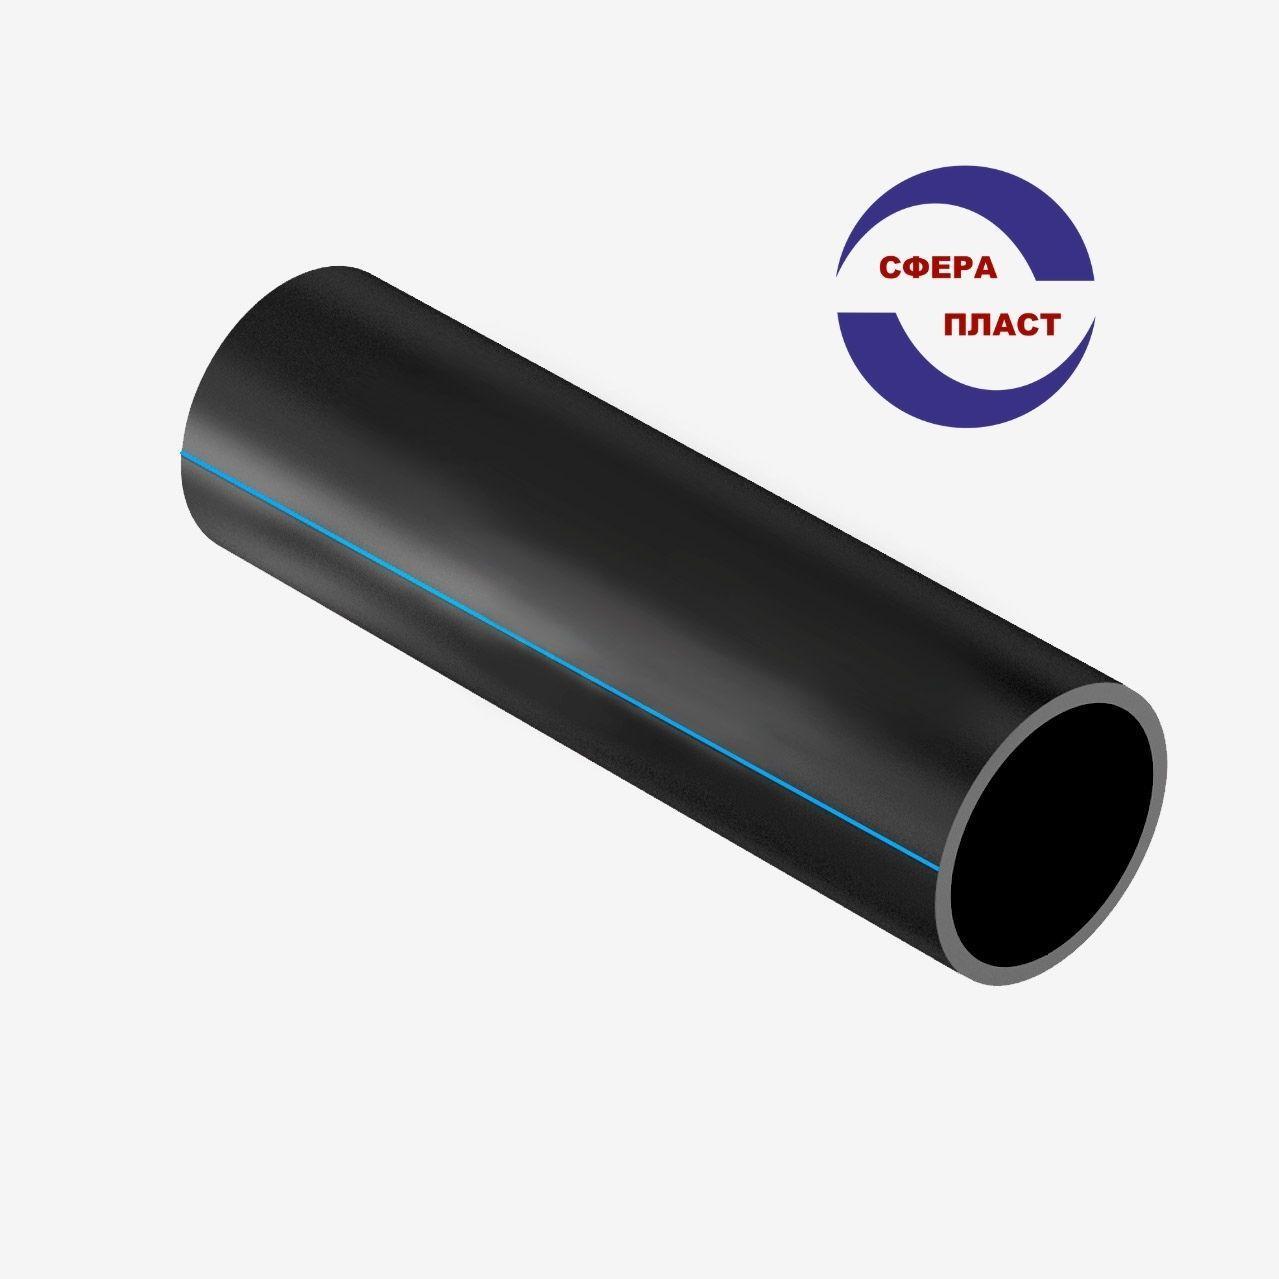 Труба Ду-200x11,9 SDR17 (10 атм) полиэтиленовая ПЭ-100